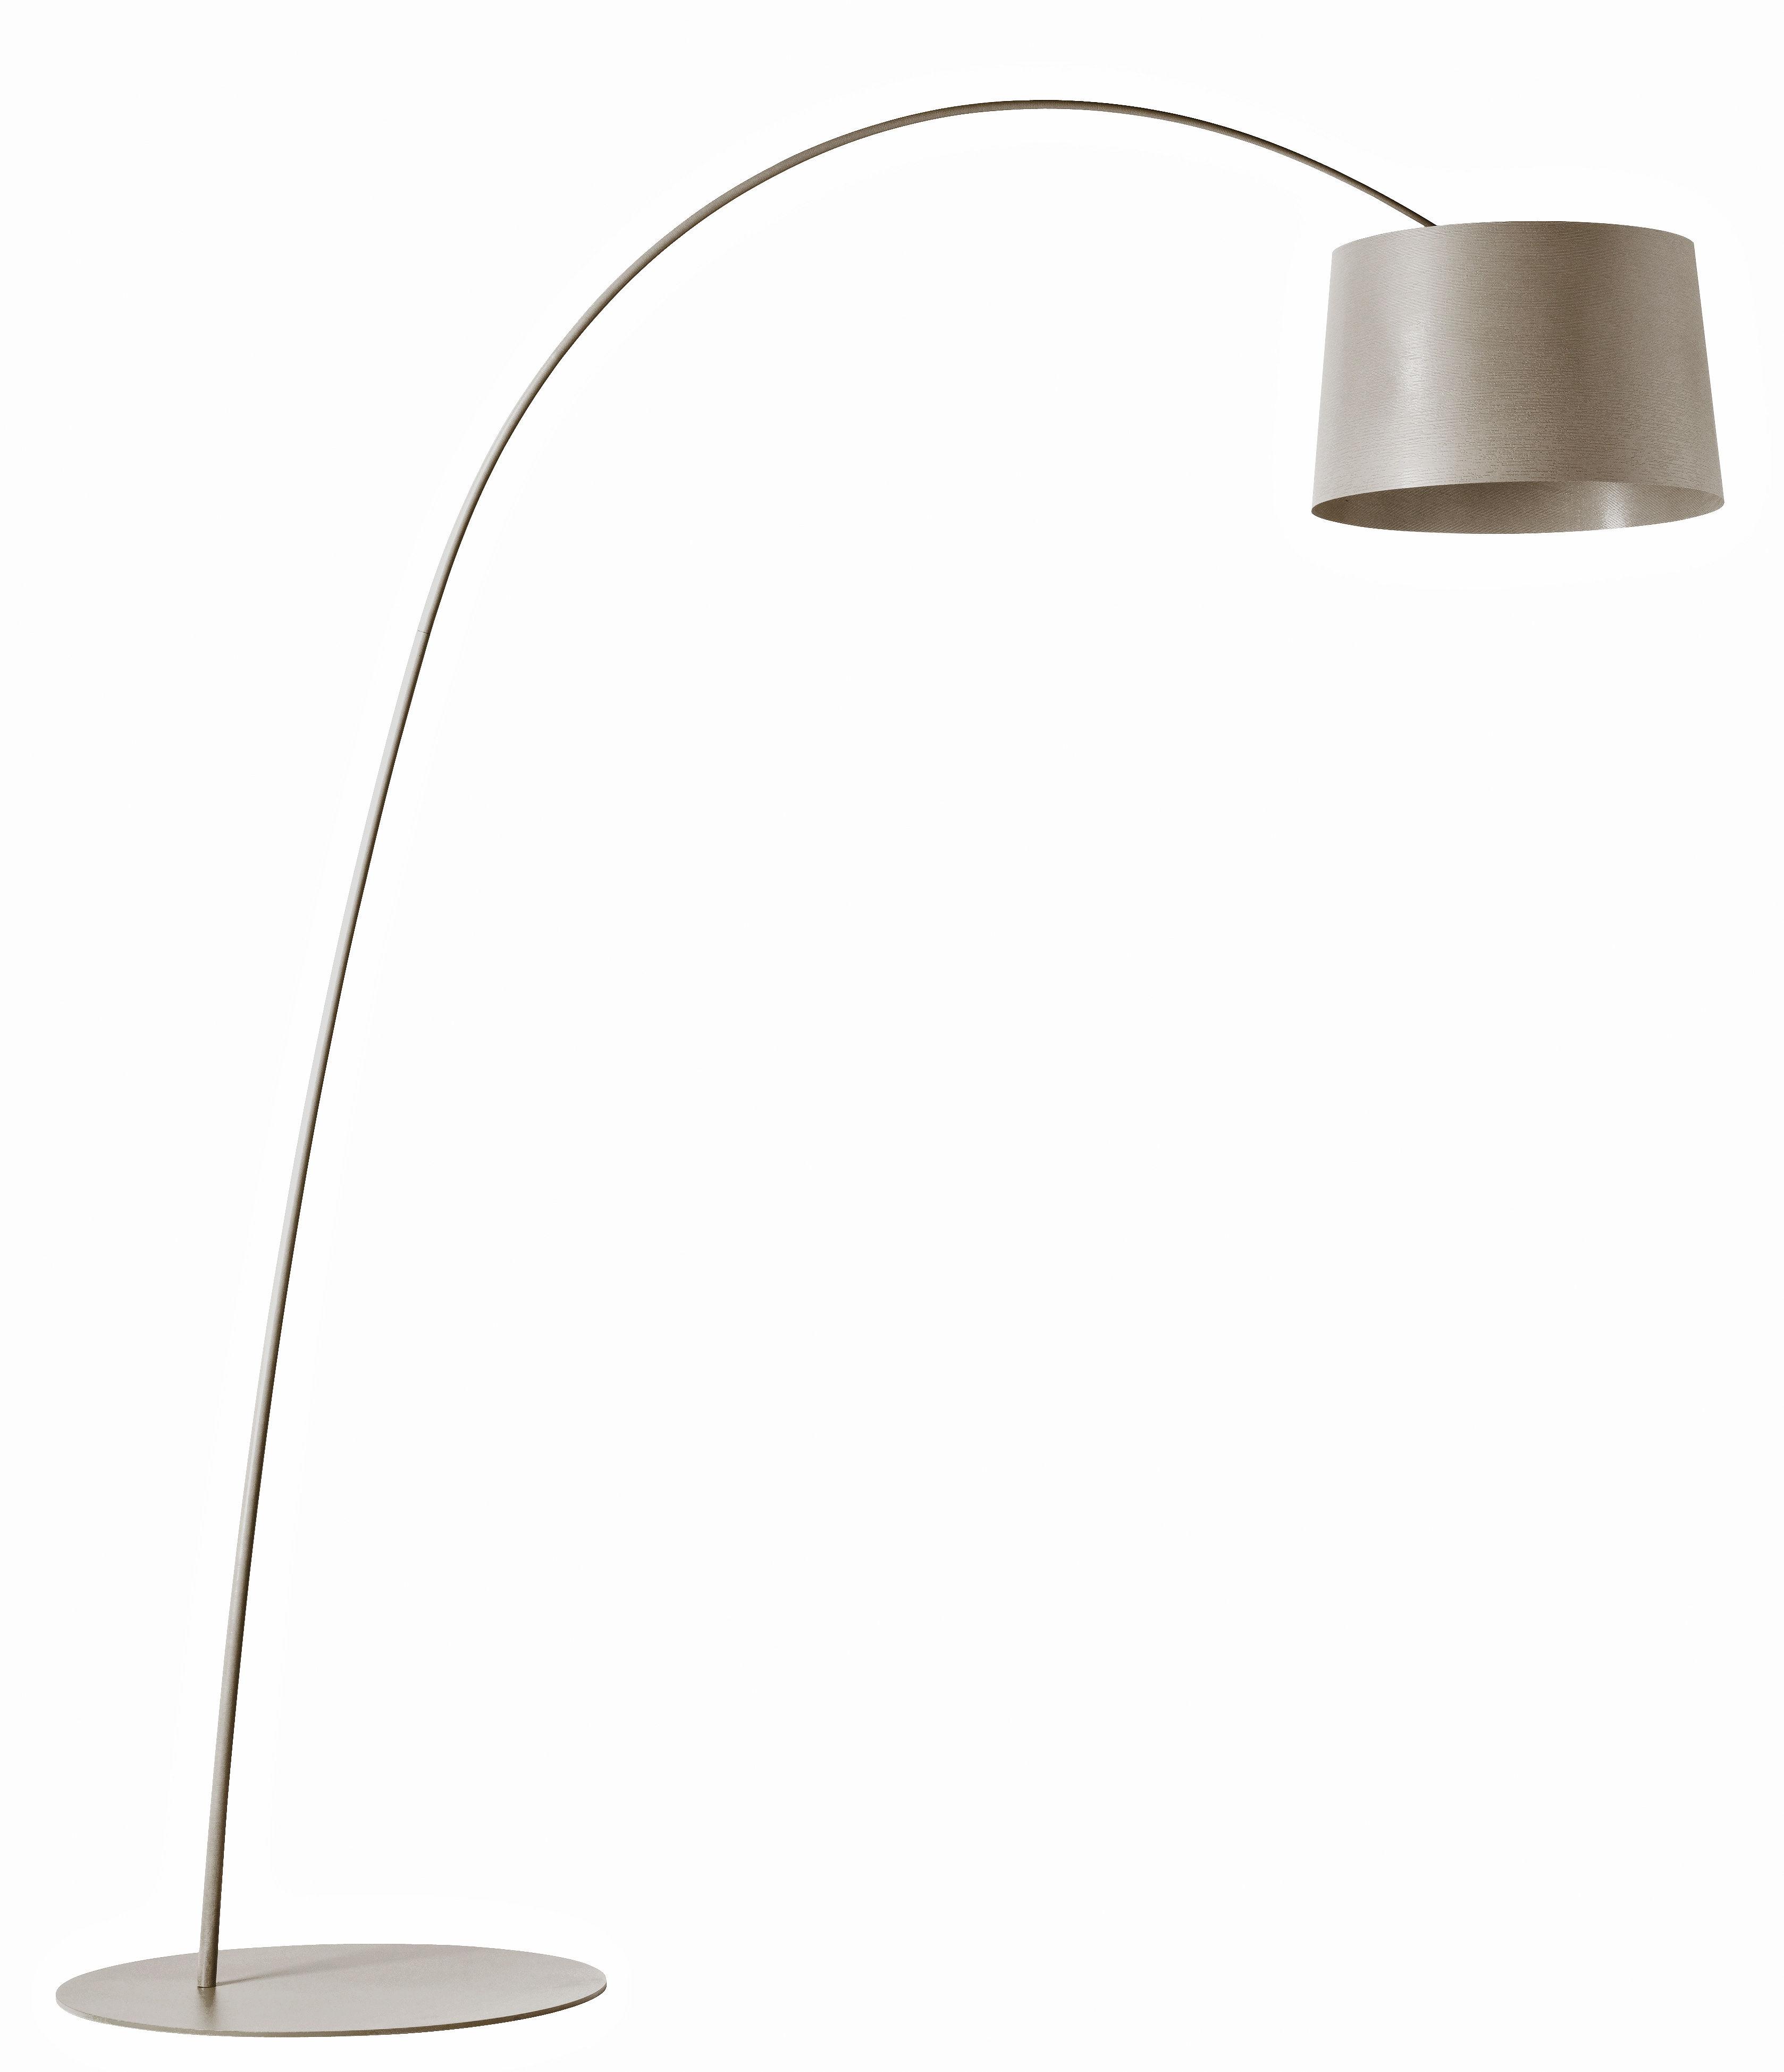 Illuminazione - Lampade da terra - Lampada Twiggy LED - Foscarini - Greige - Fibra di vetro, Materiale composito, metallo verniciato